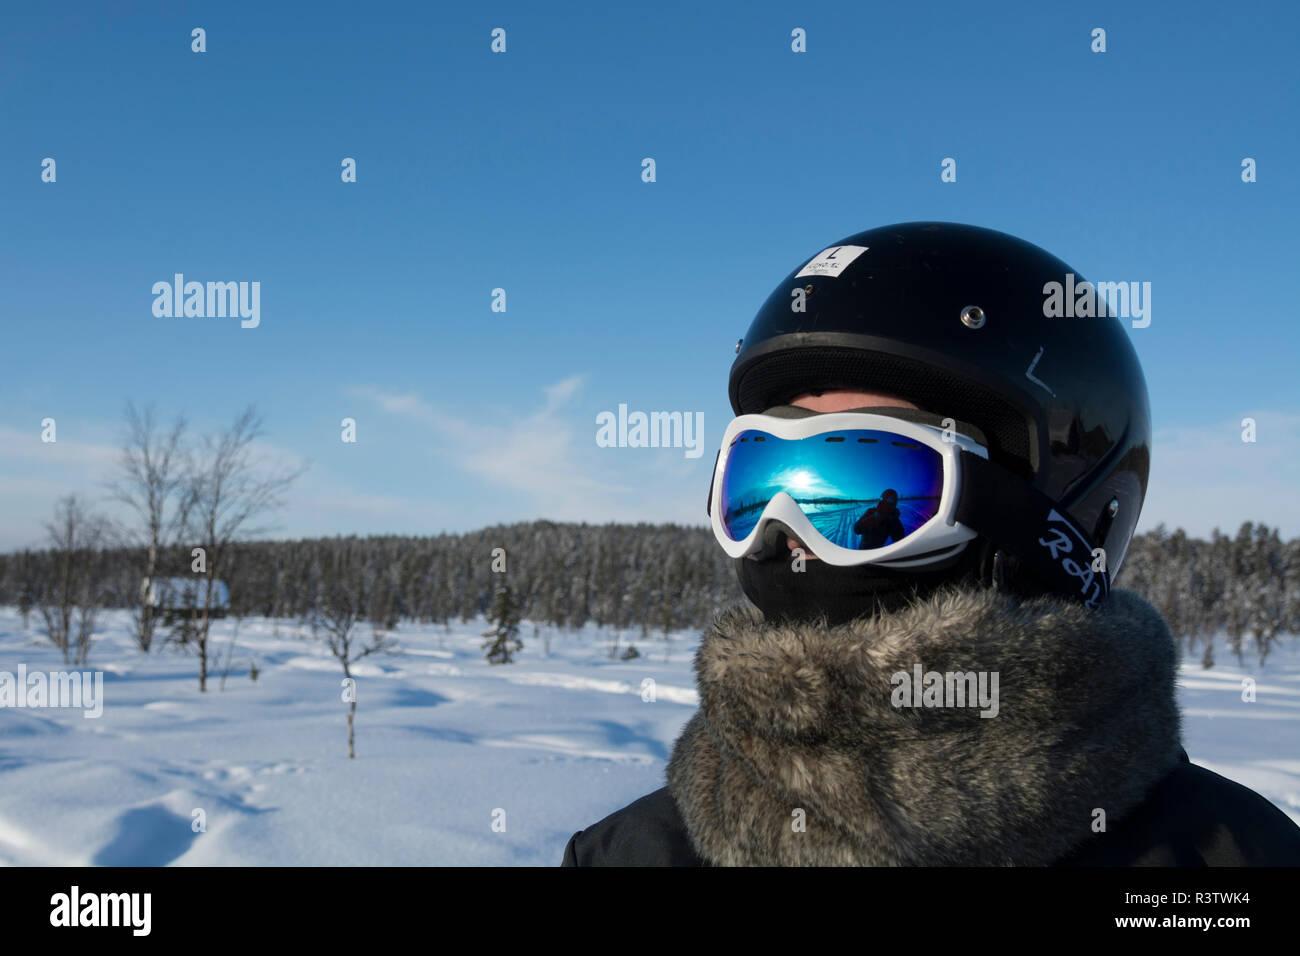 Tourist wearing helmet for snowmobile driving, Jukkasjarvi, Sweden. - Stock Image